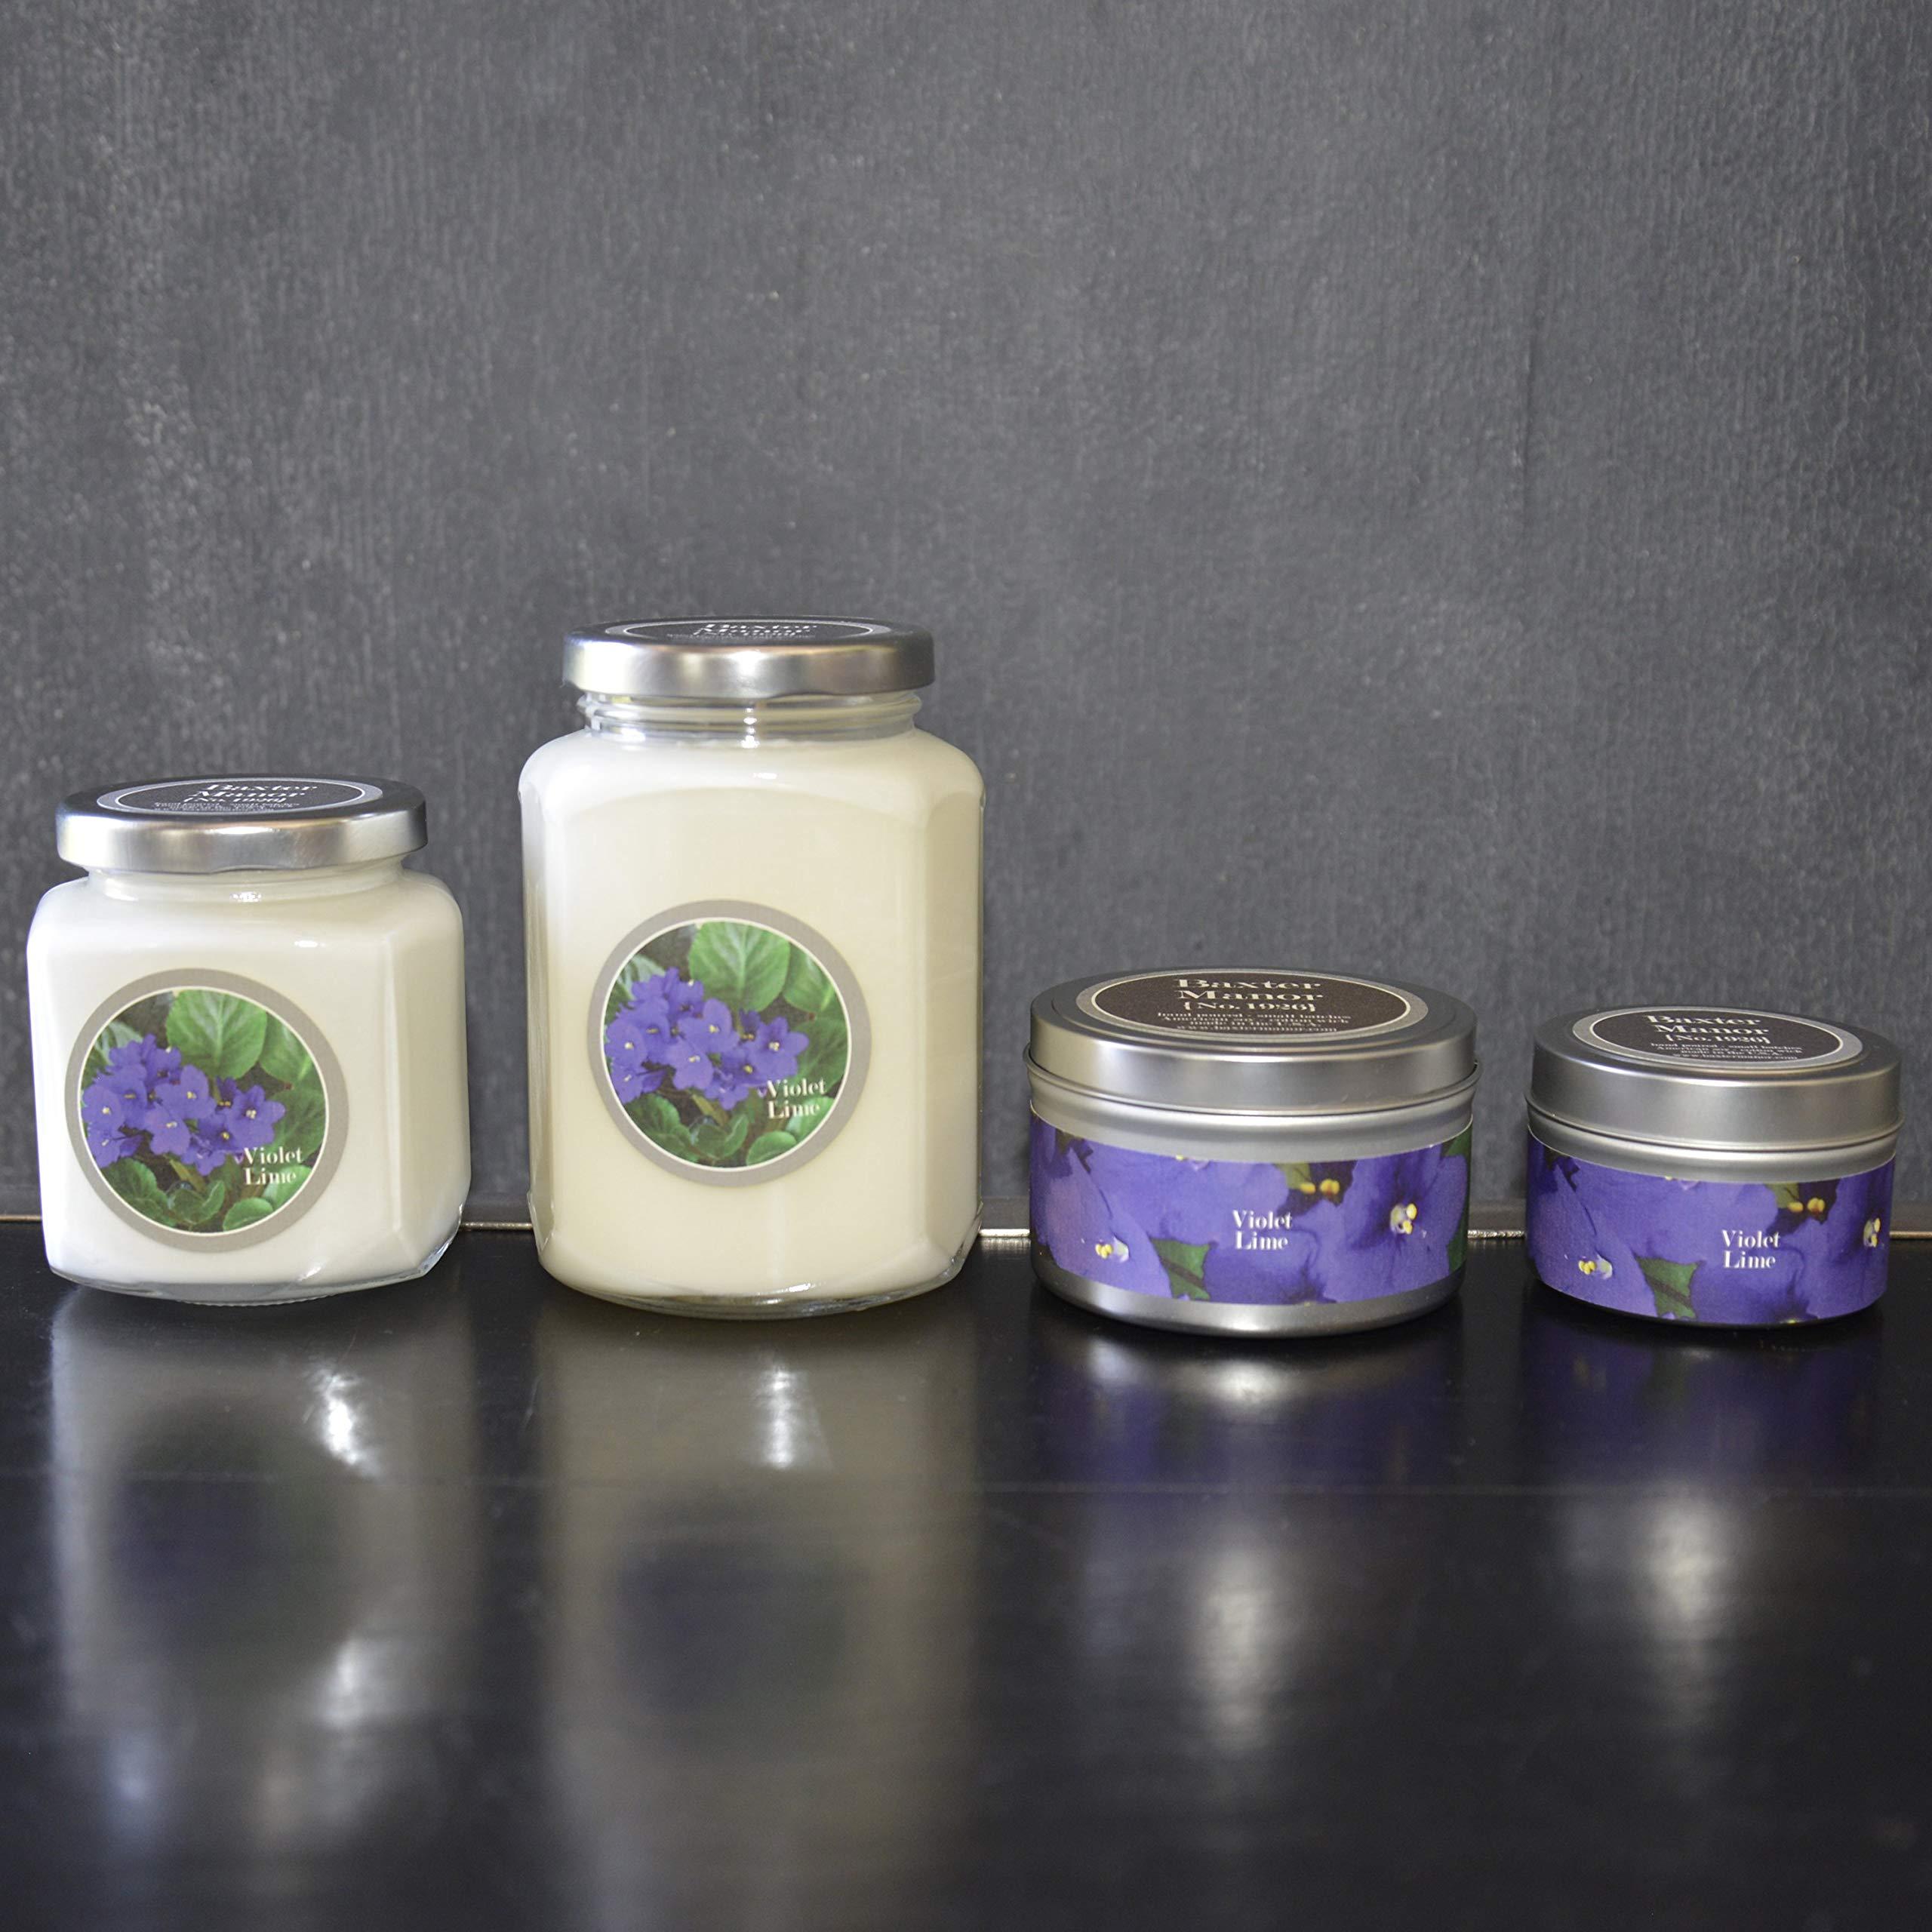 BAXTER MANOR Candle, Violet Lime, 8 oz